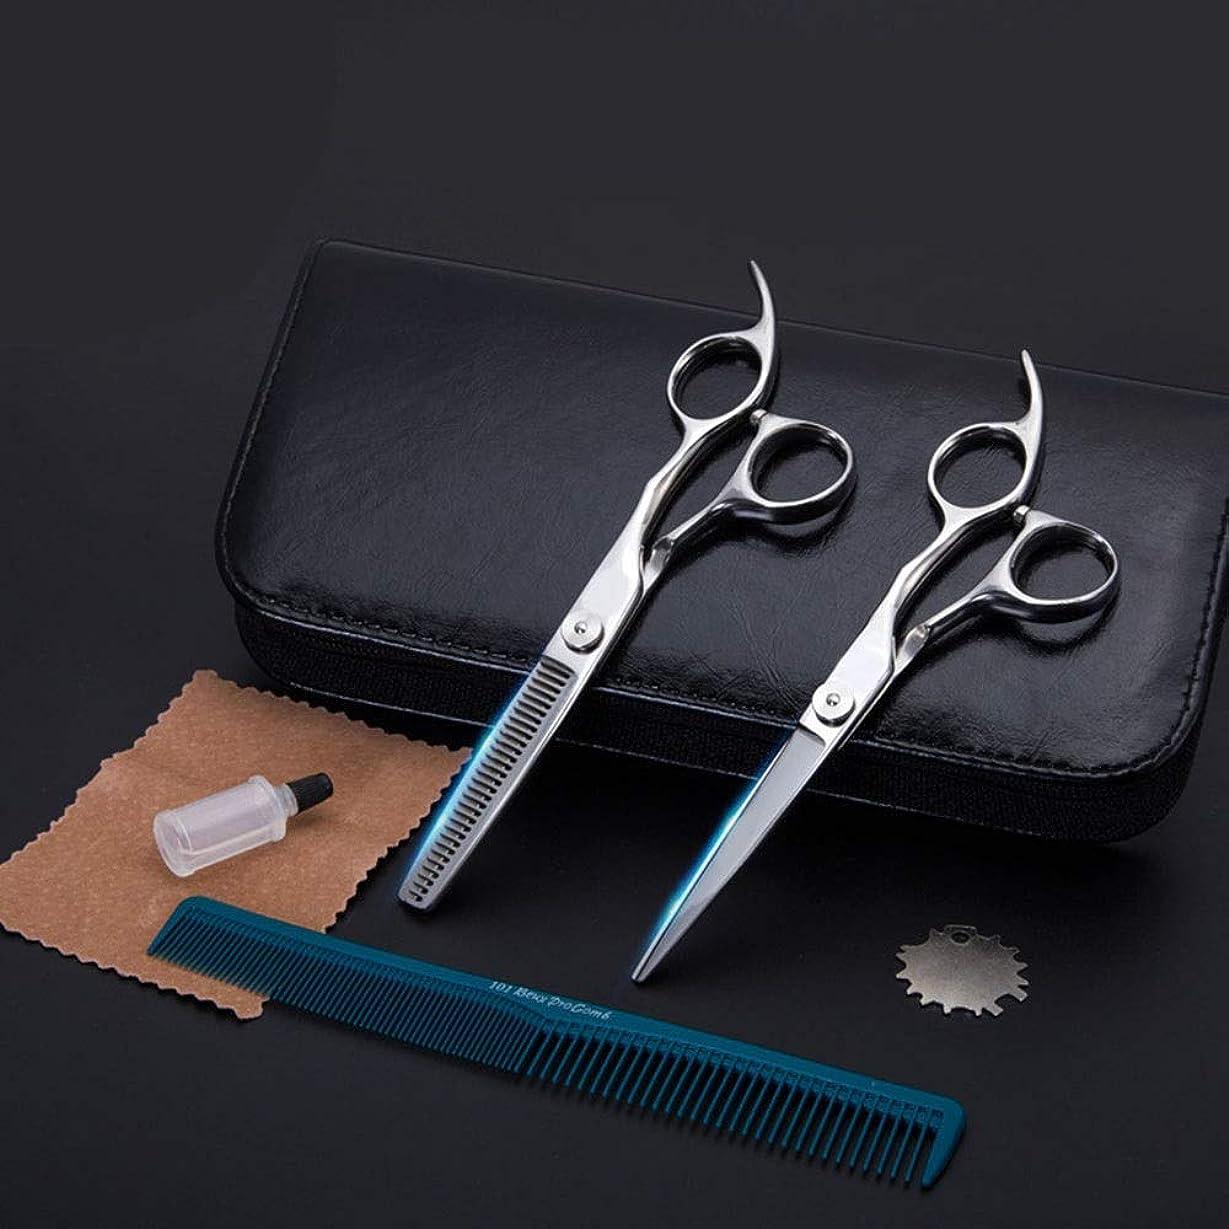 マウス箱フィラデルフィアGoodsok-jp ハイエンドの理髪はさみ、6インチの理髪師の理髪セットの歯のはさみの平らなせん断 (色 : Silver)